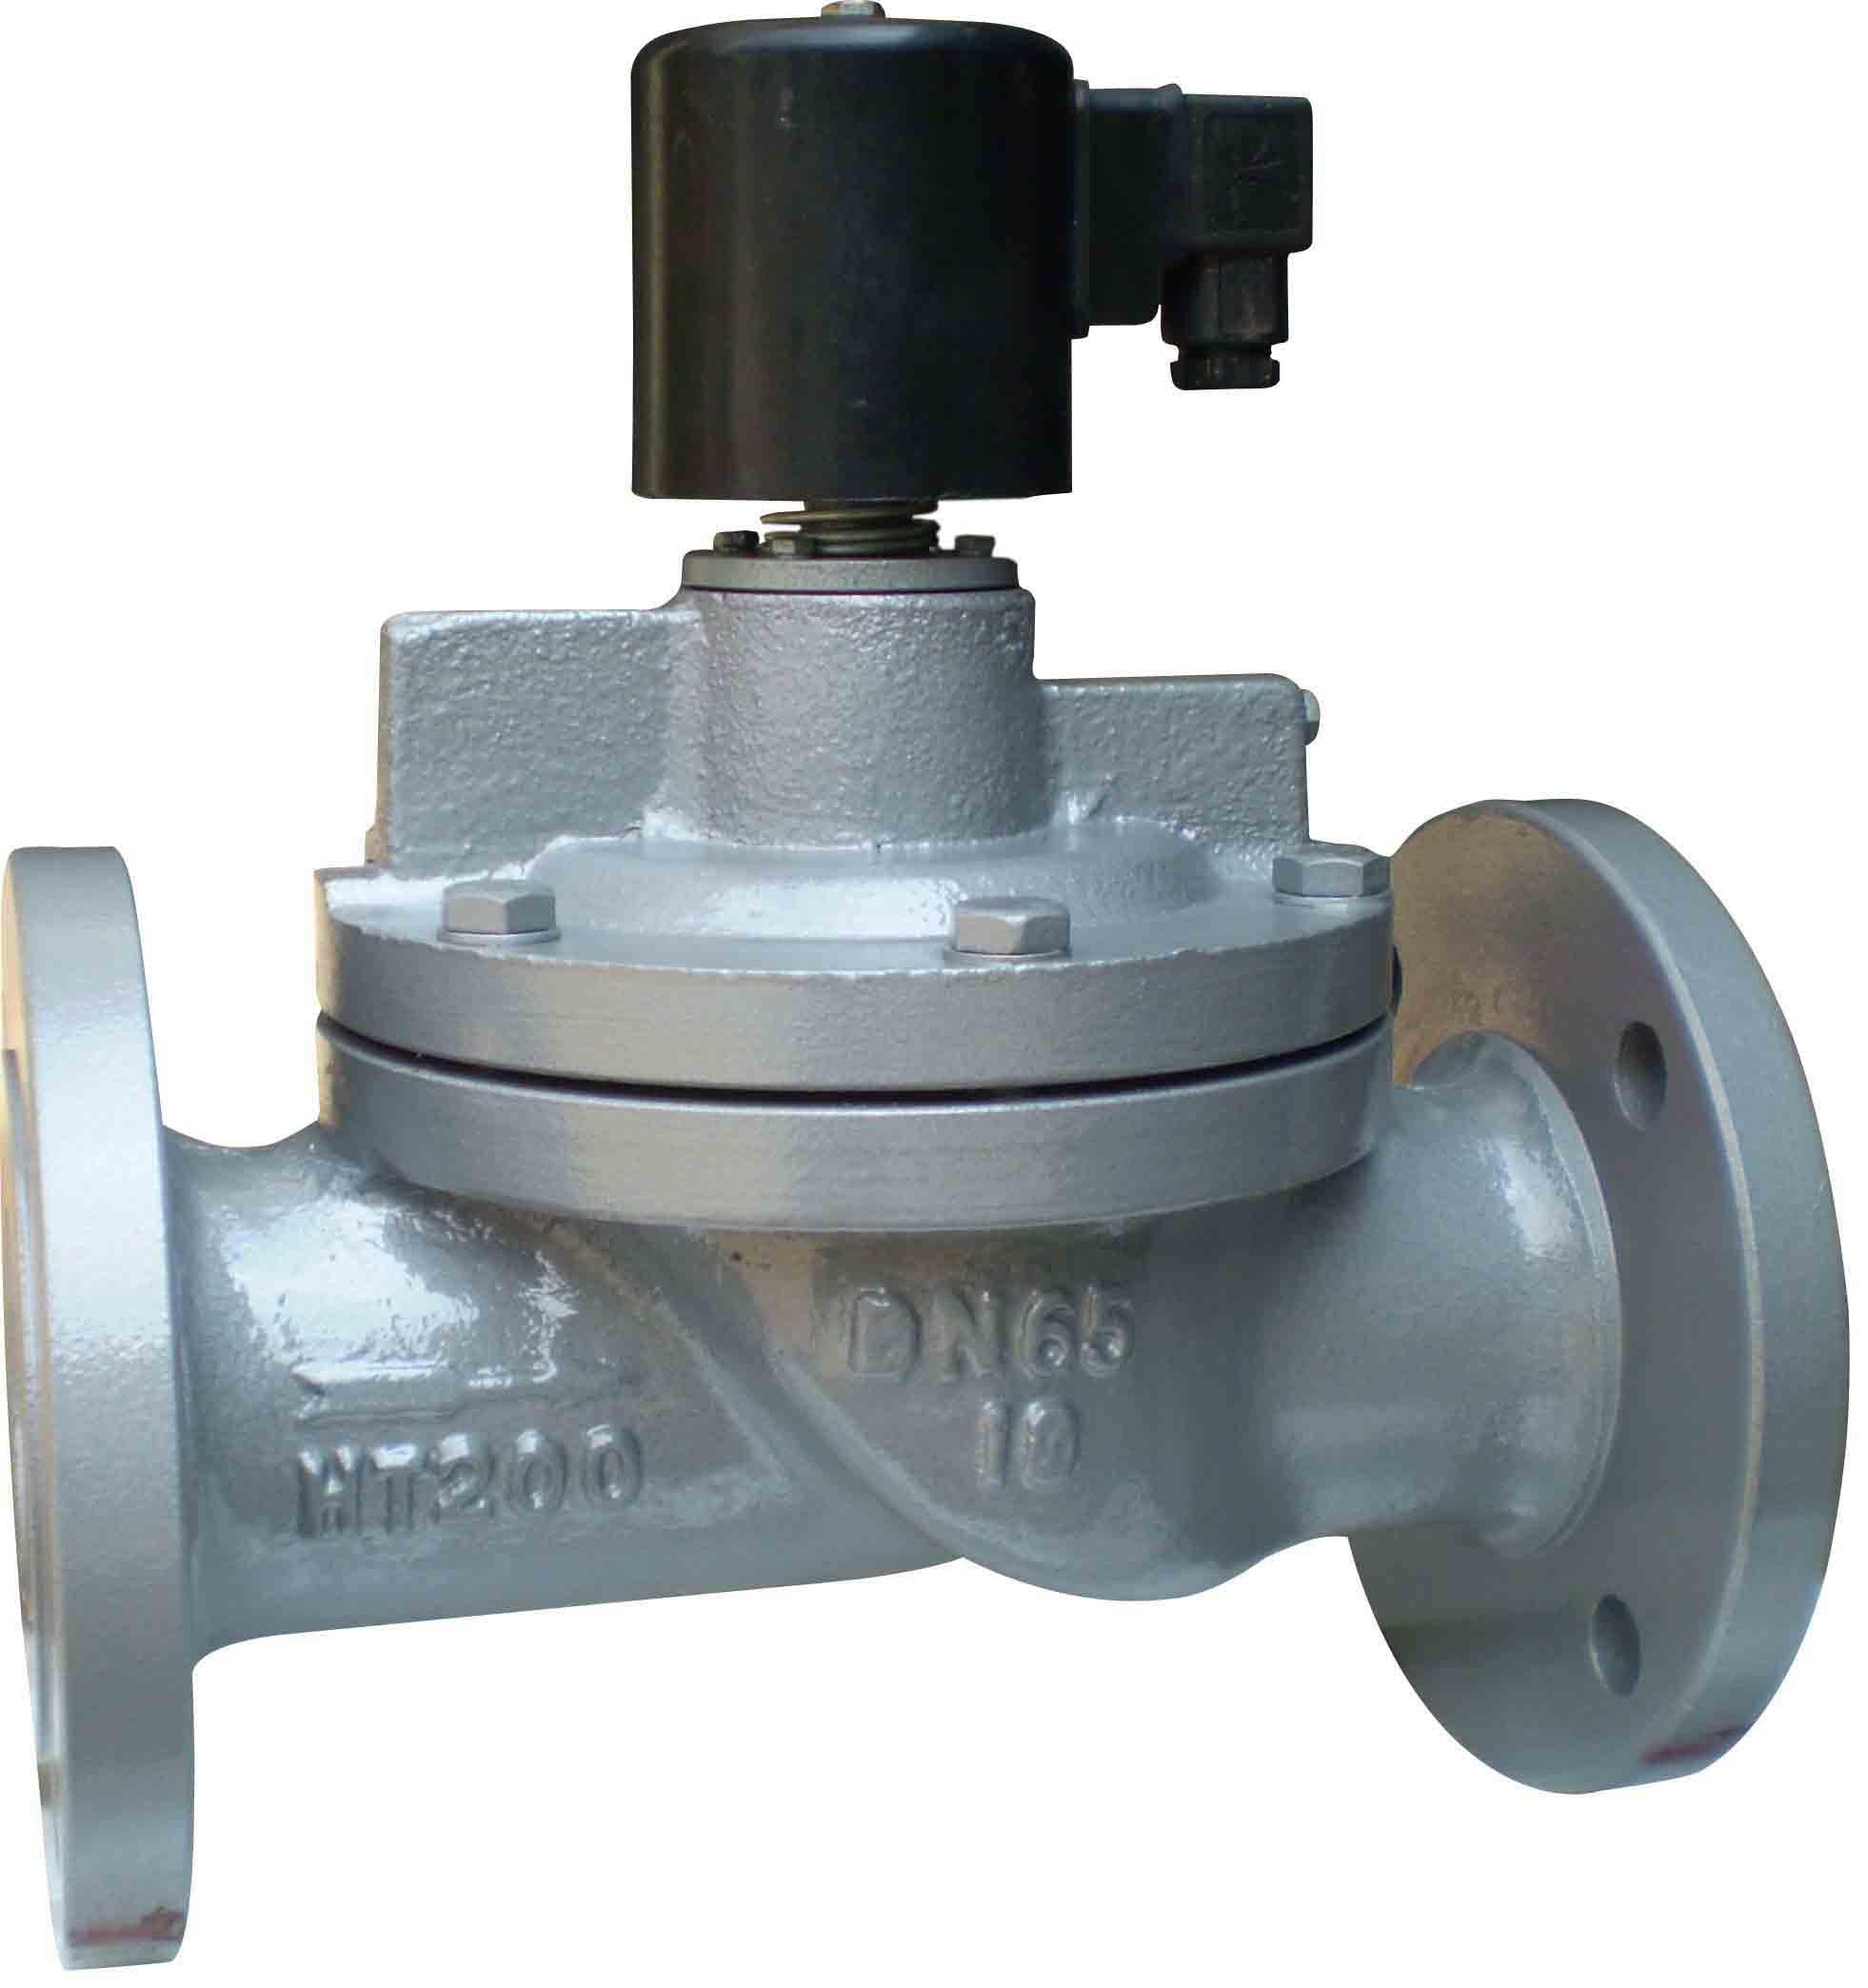 高压电磁阀为先导直动型电磁阀,其通用介质范围较广,可分别使用于水图片